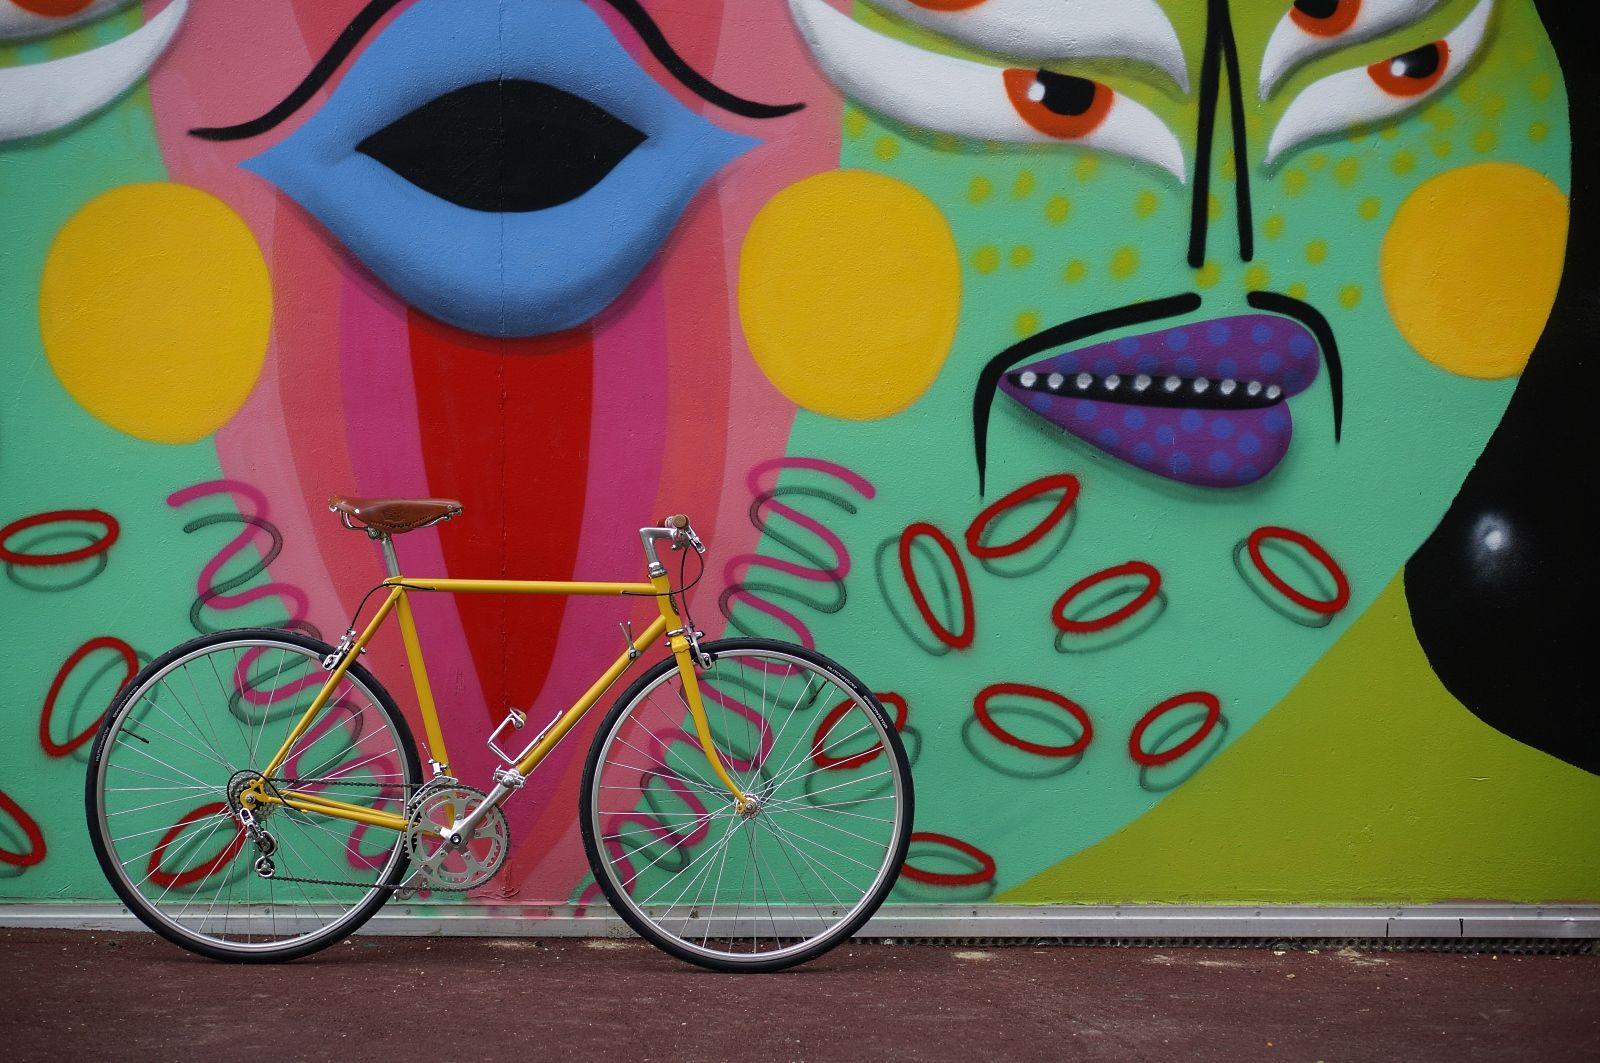 velo panache graffiti